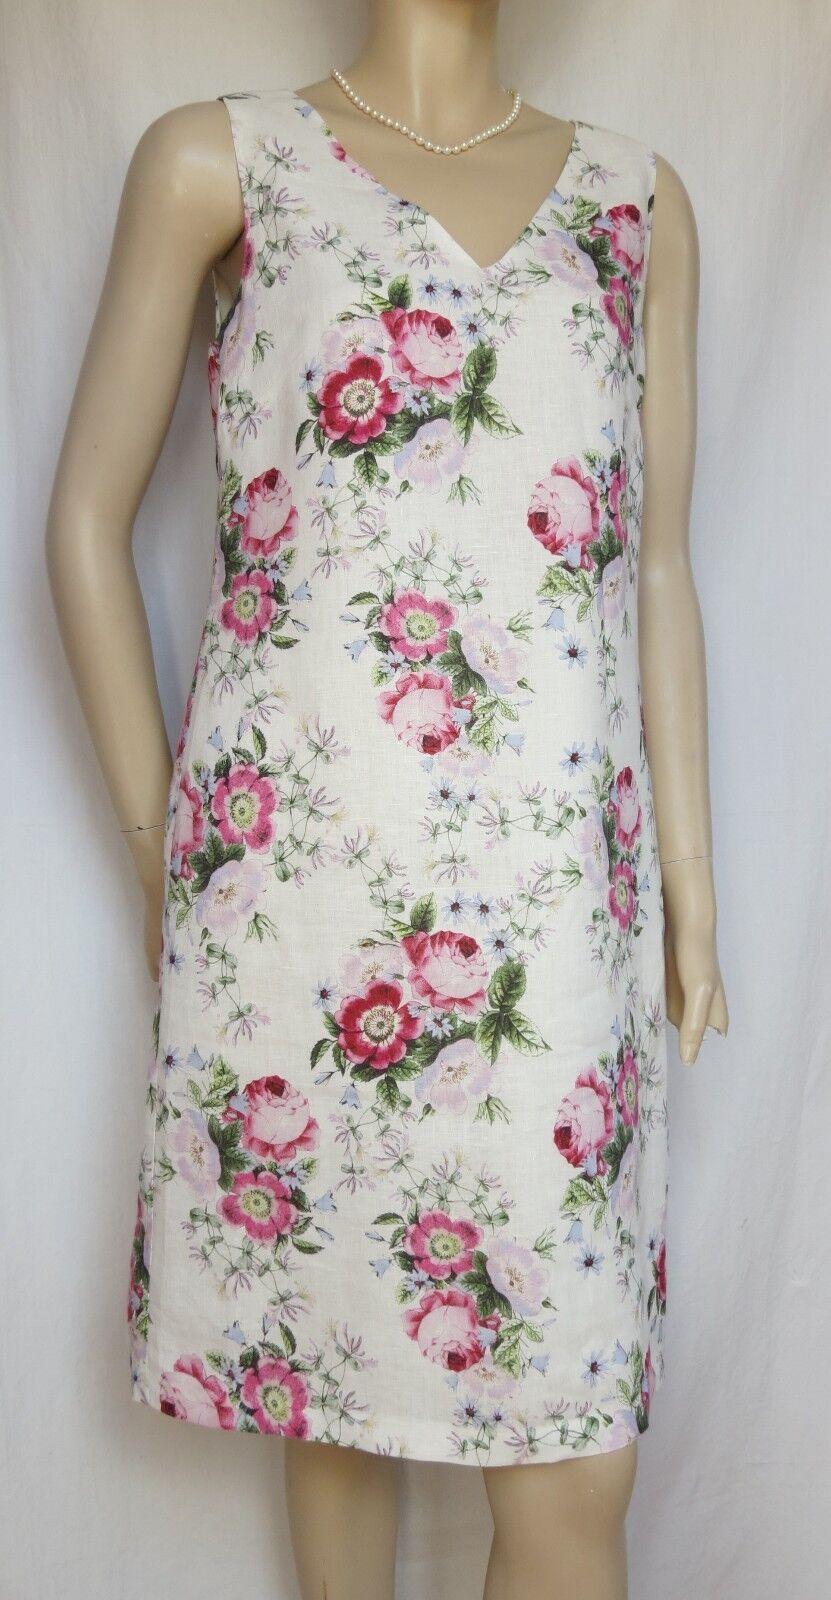 Laura Ashley Leinenkleid Sommerkleid 36 kl. 38 Leinen weiß Hochzeit Rosan Blaumen